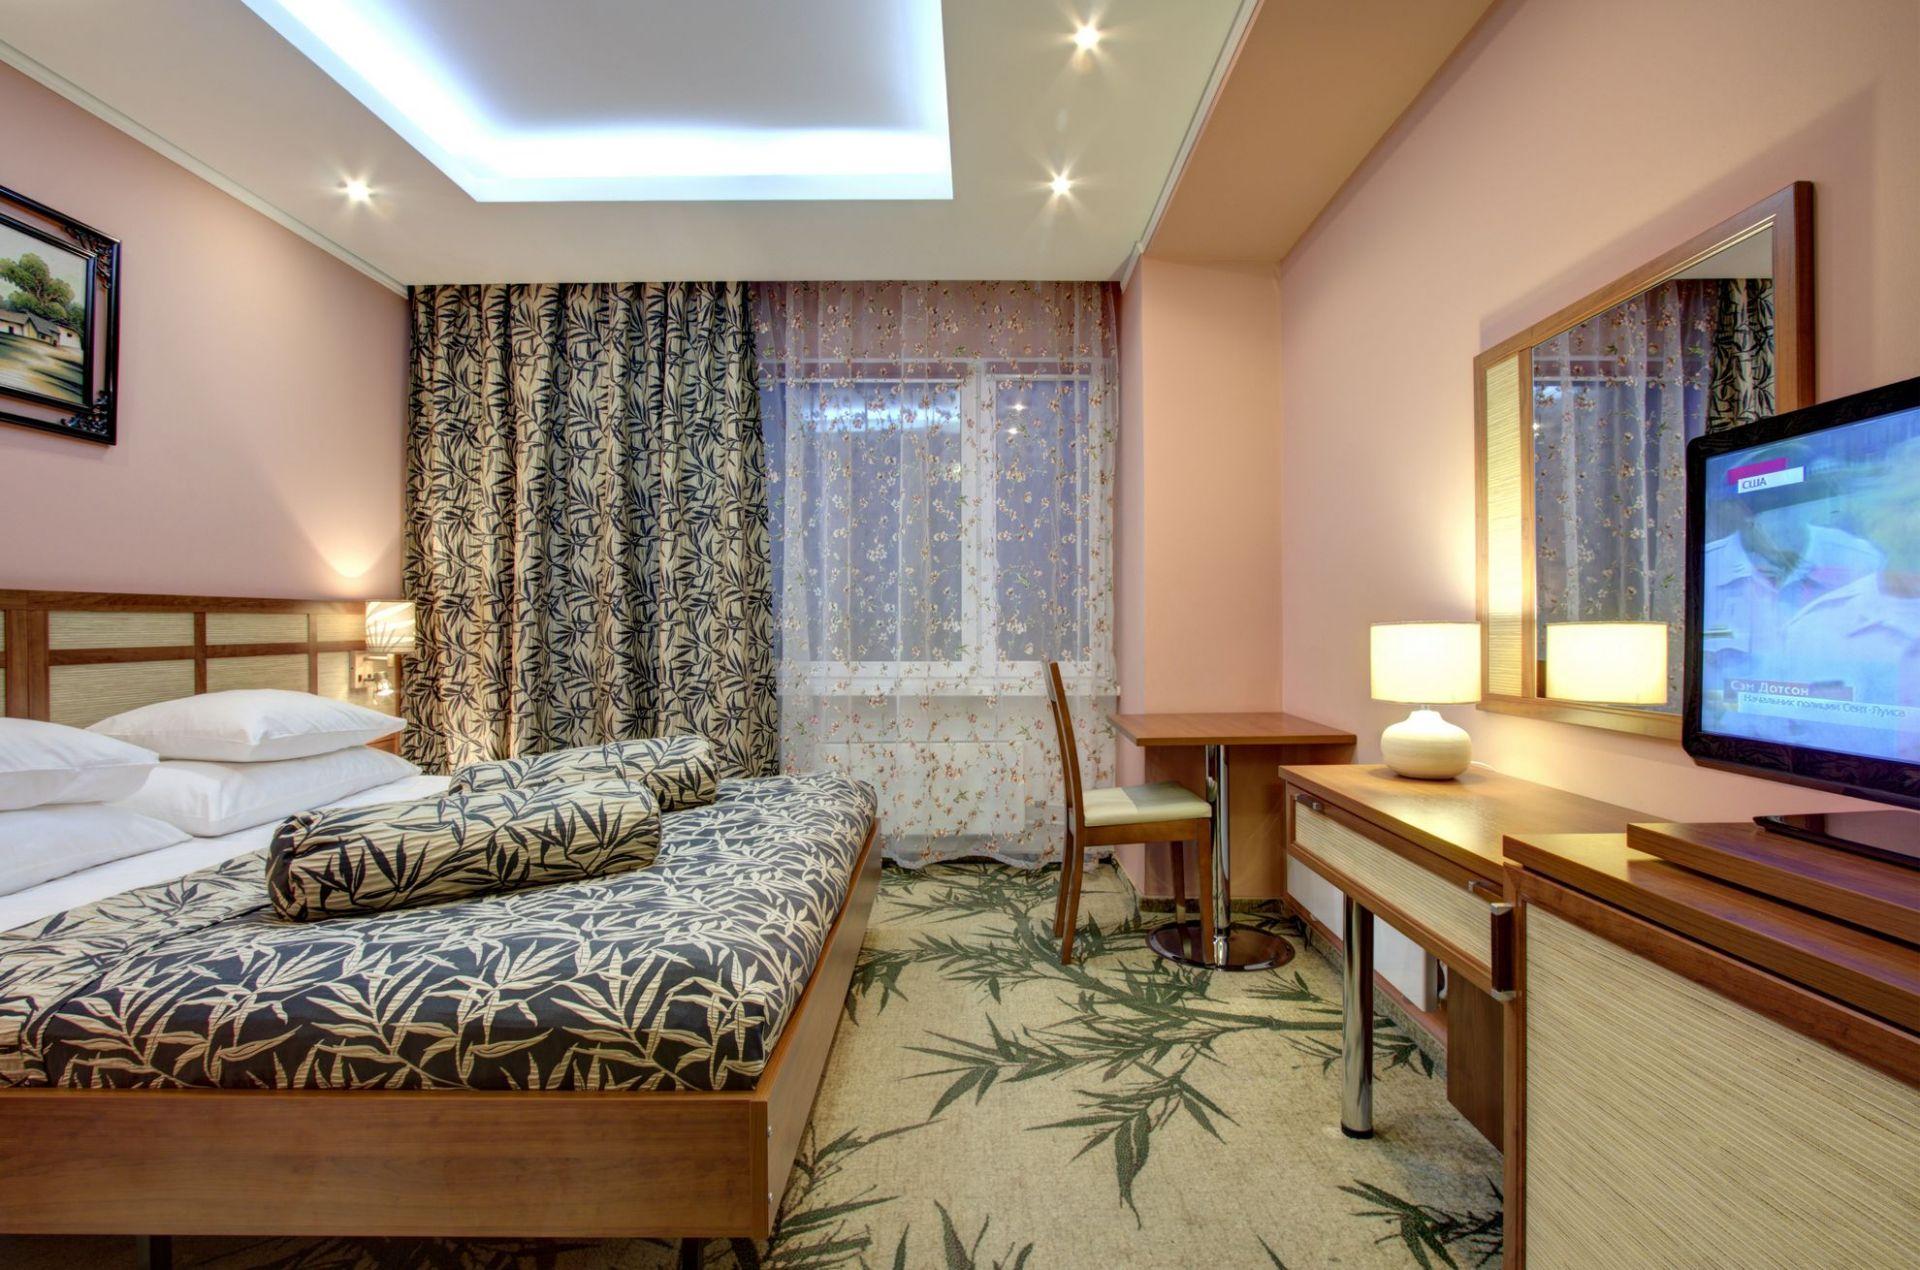 картинка гостиничного комплекса свет окнах